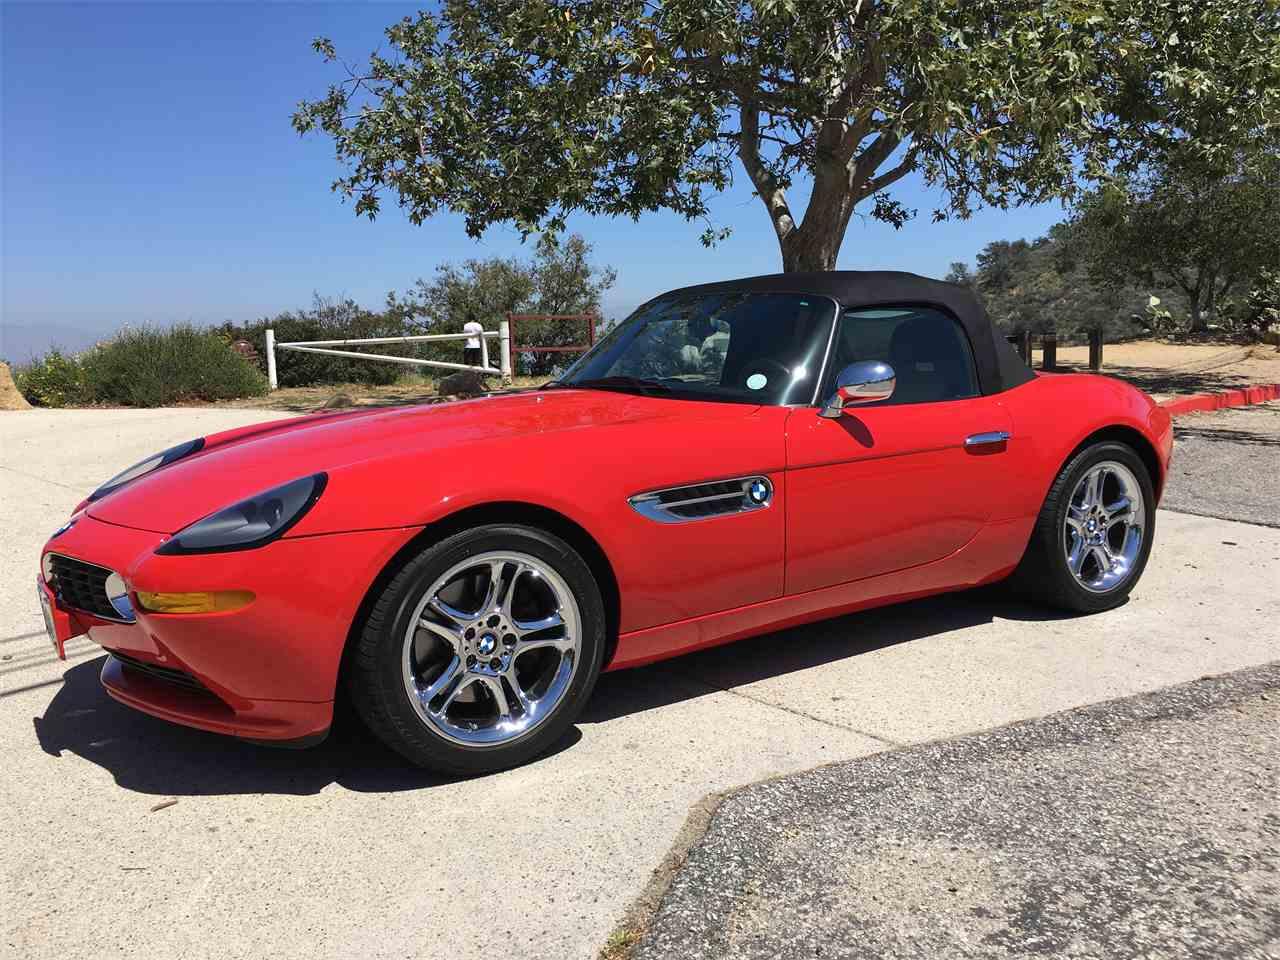 2001 BMW Z8 for Sale | ClassicCars.com | CC-1087641